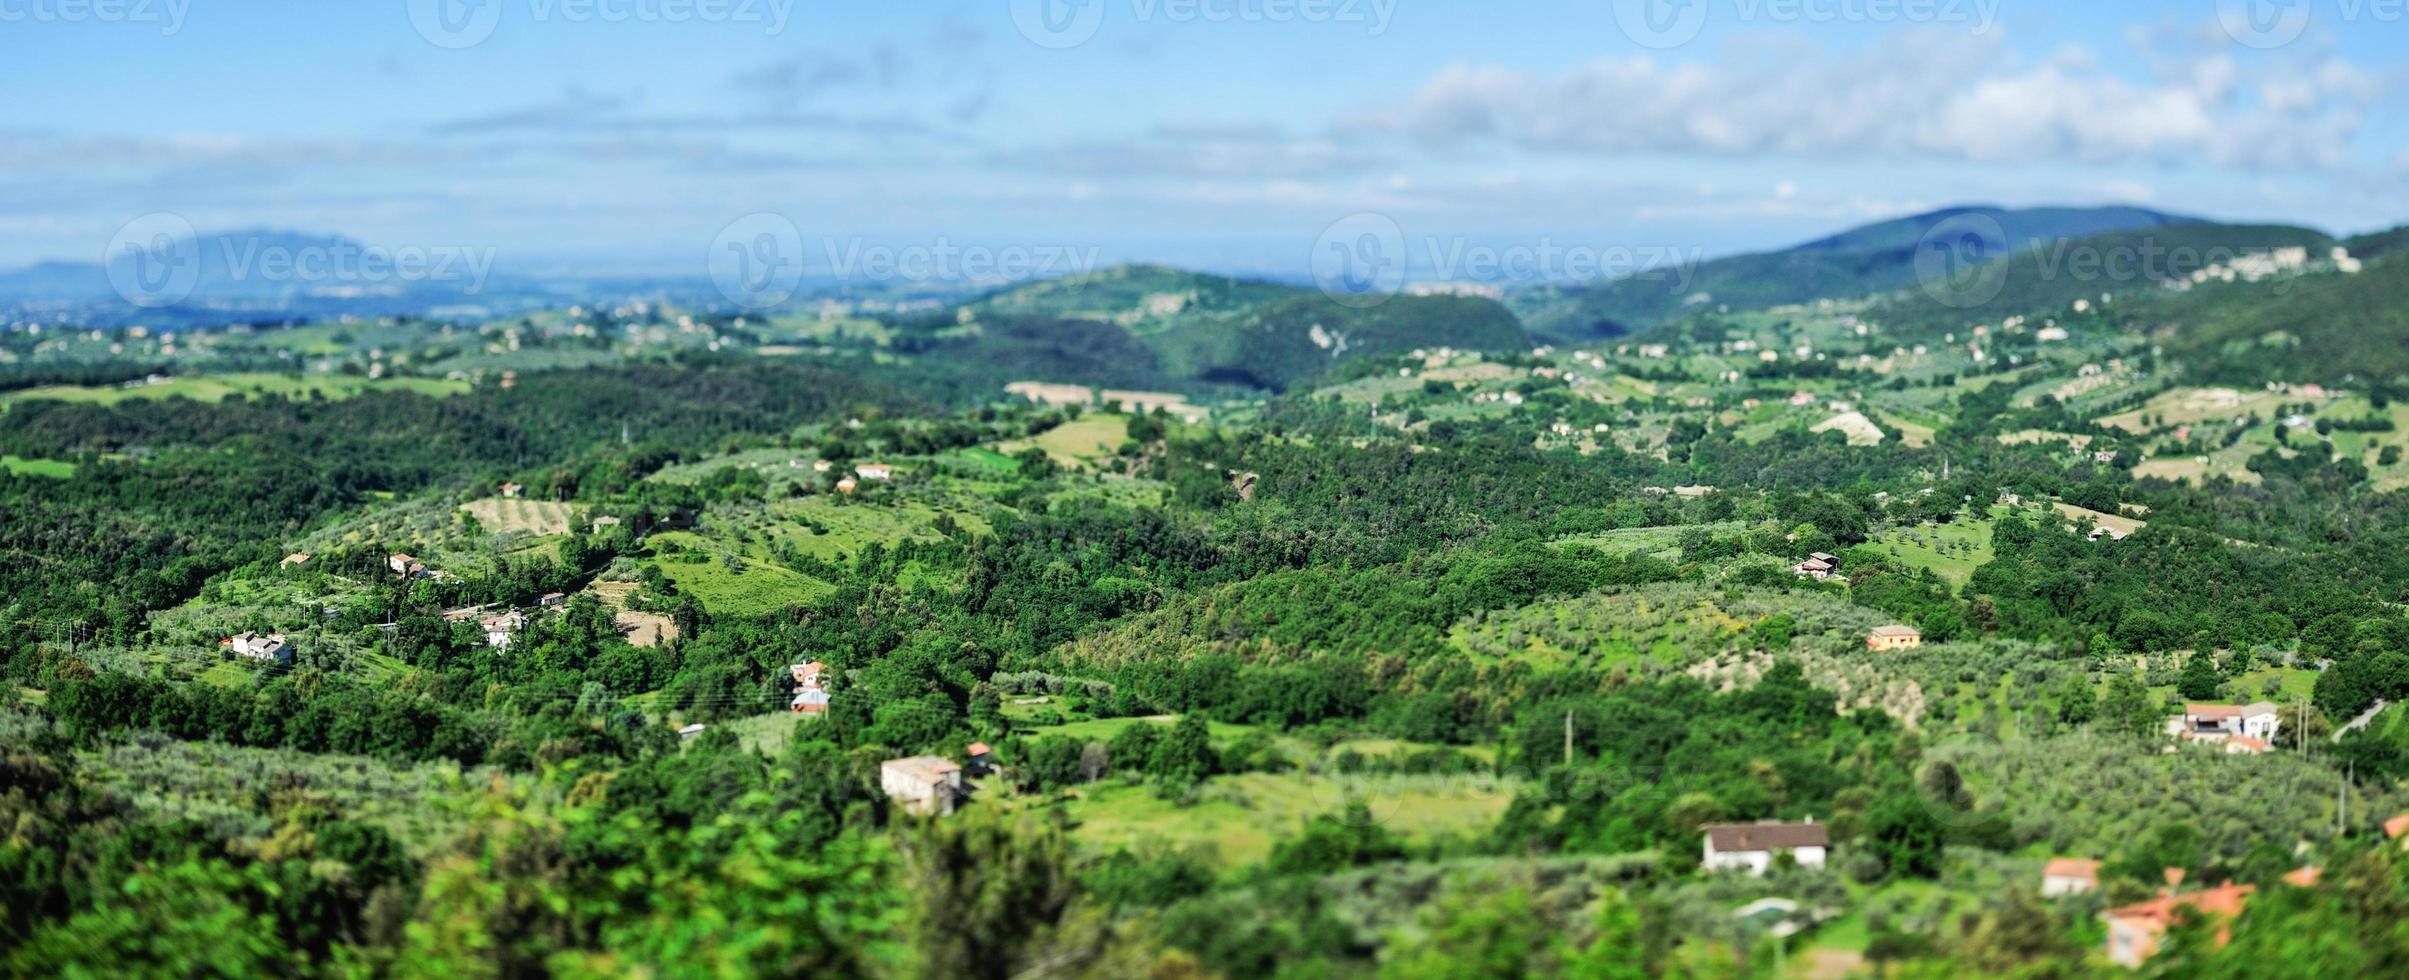 Valley Mountain photo